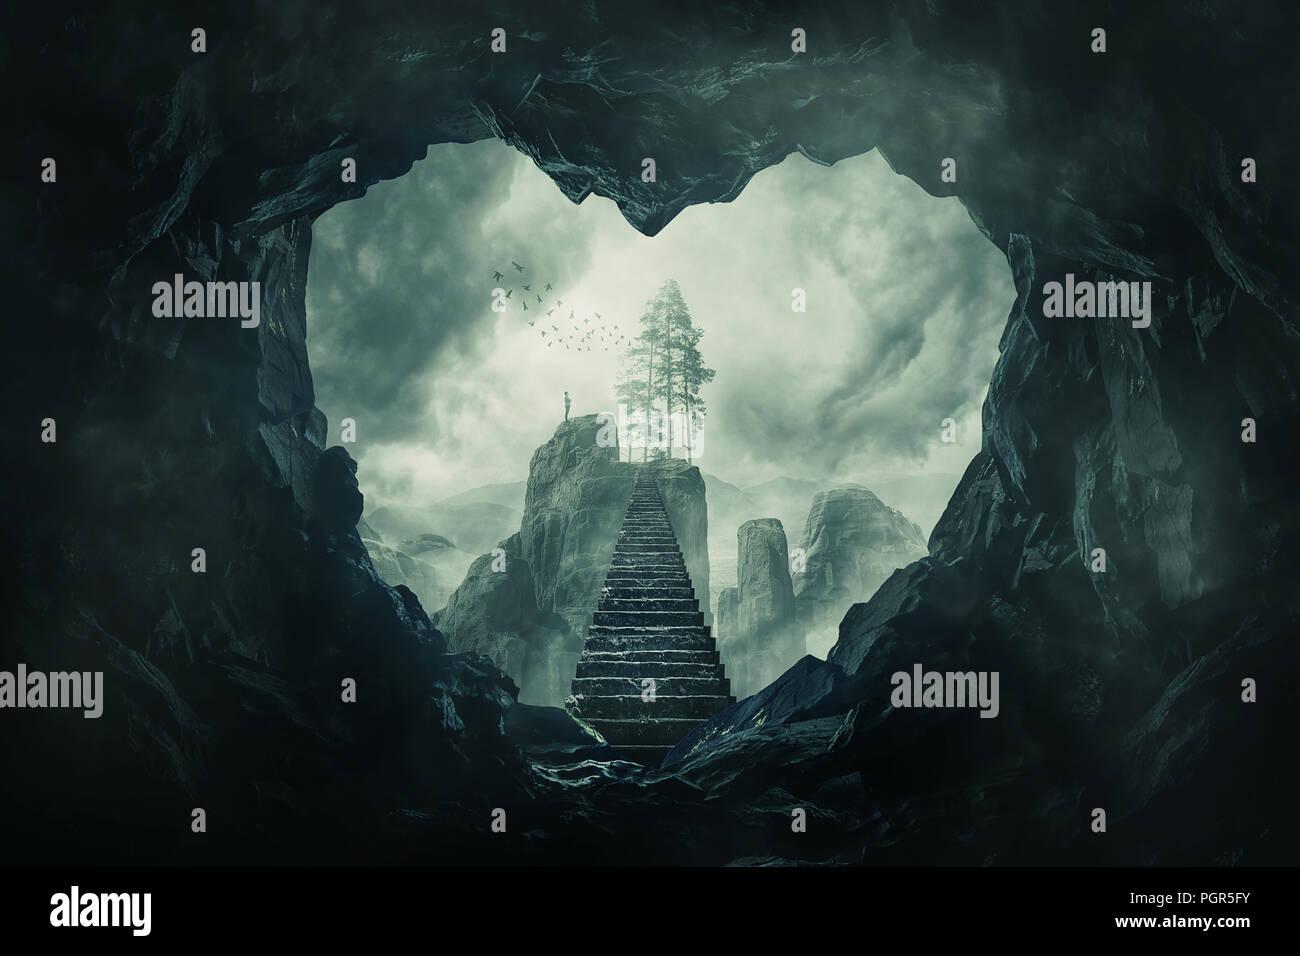 Vue surréaliste grotte sombre en forme de coeur et sortie escalier mystique traverser l'abîme brumeux aller jusqu'au paradis inconnu. Escalier Occasion d'aimer, de façon Banque D'Images